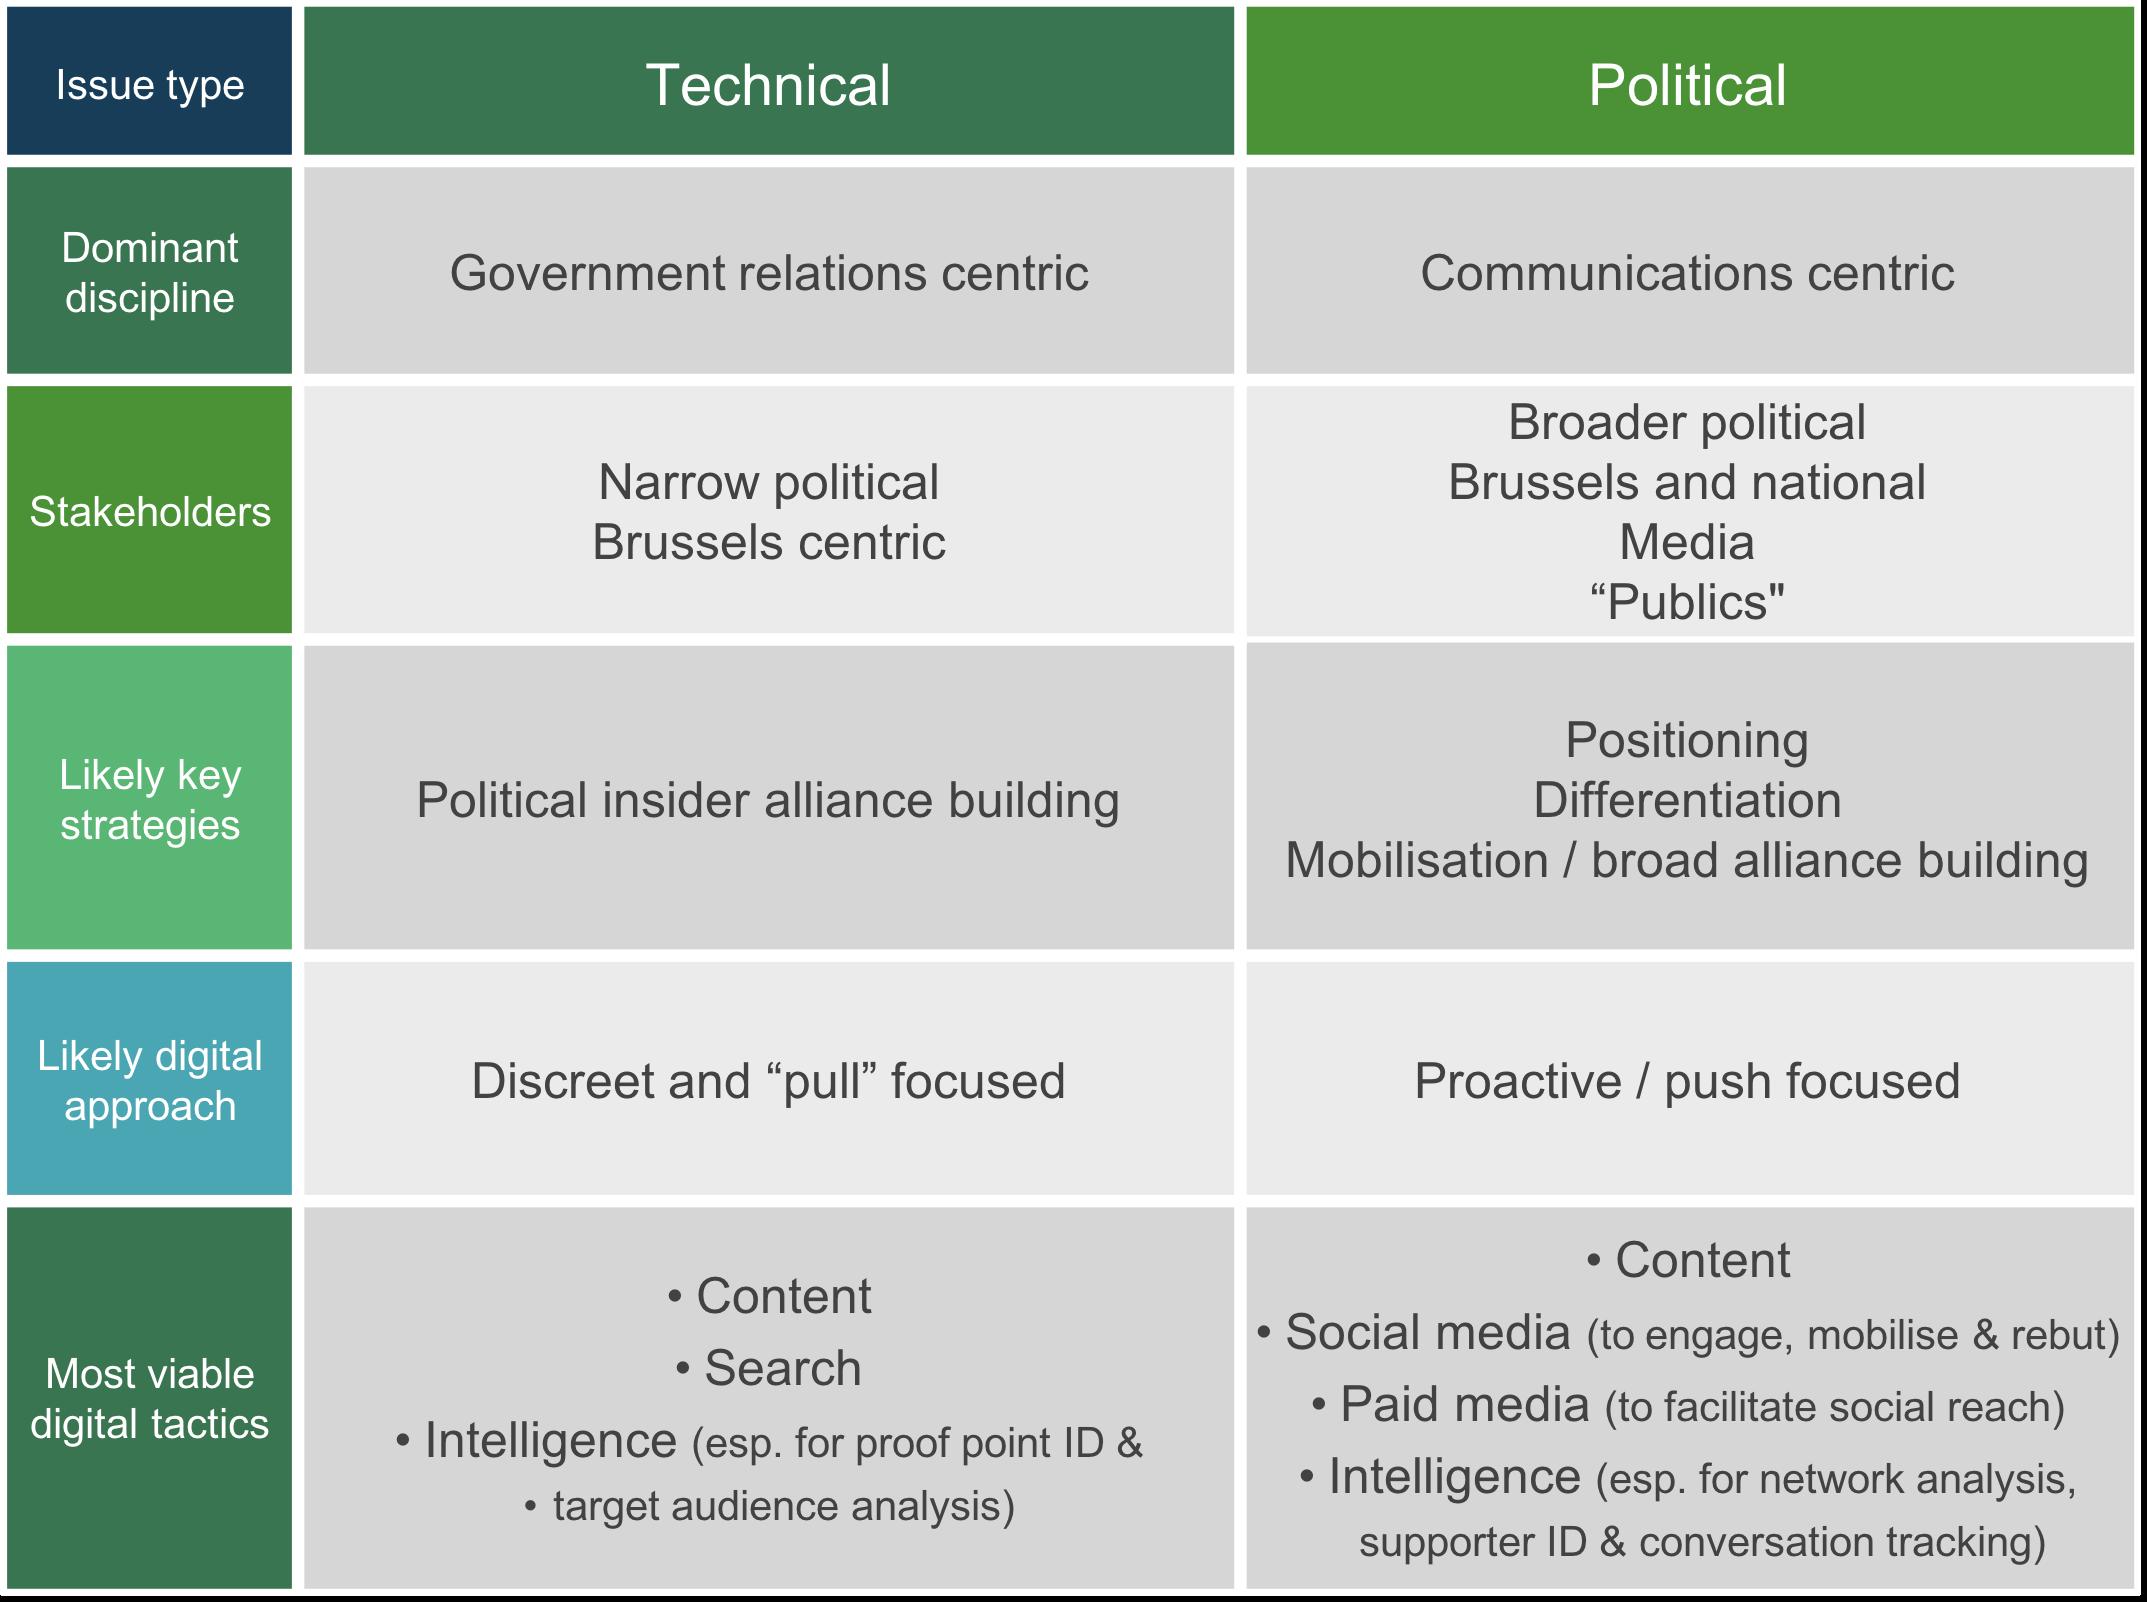 digital-pa-tech-vs-political